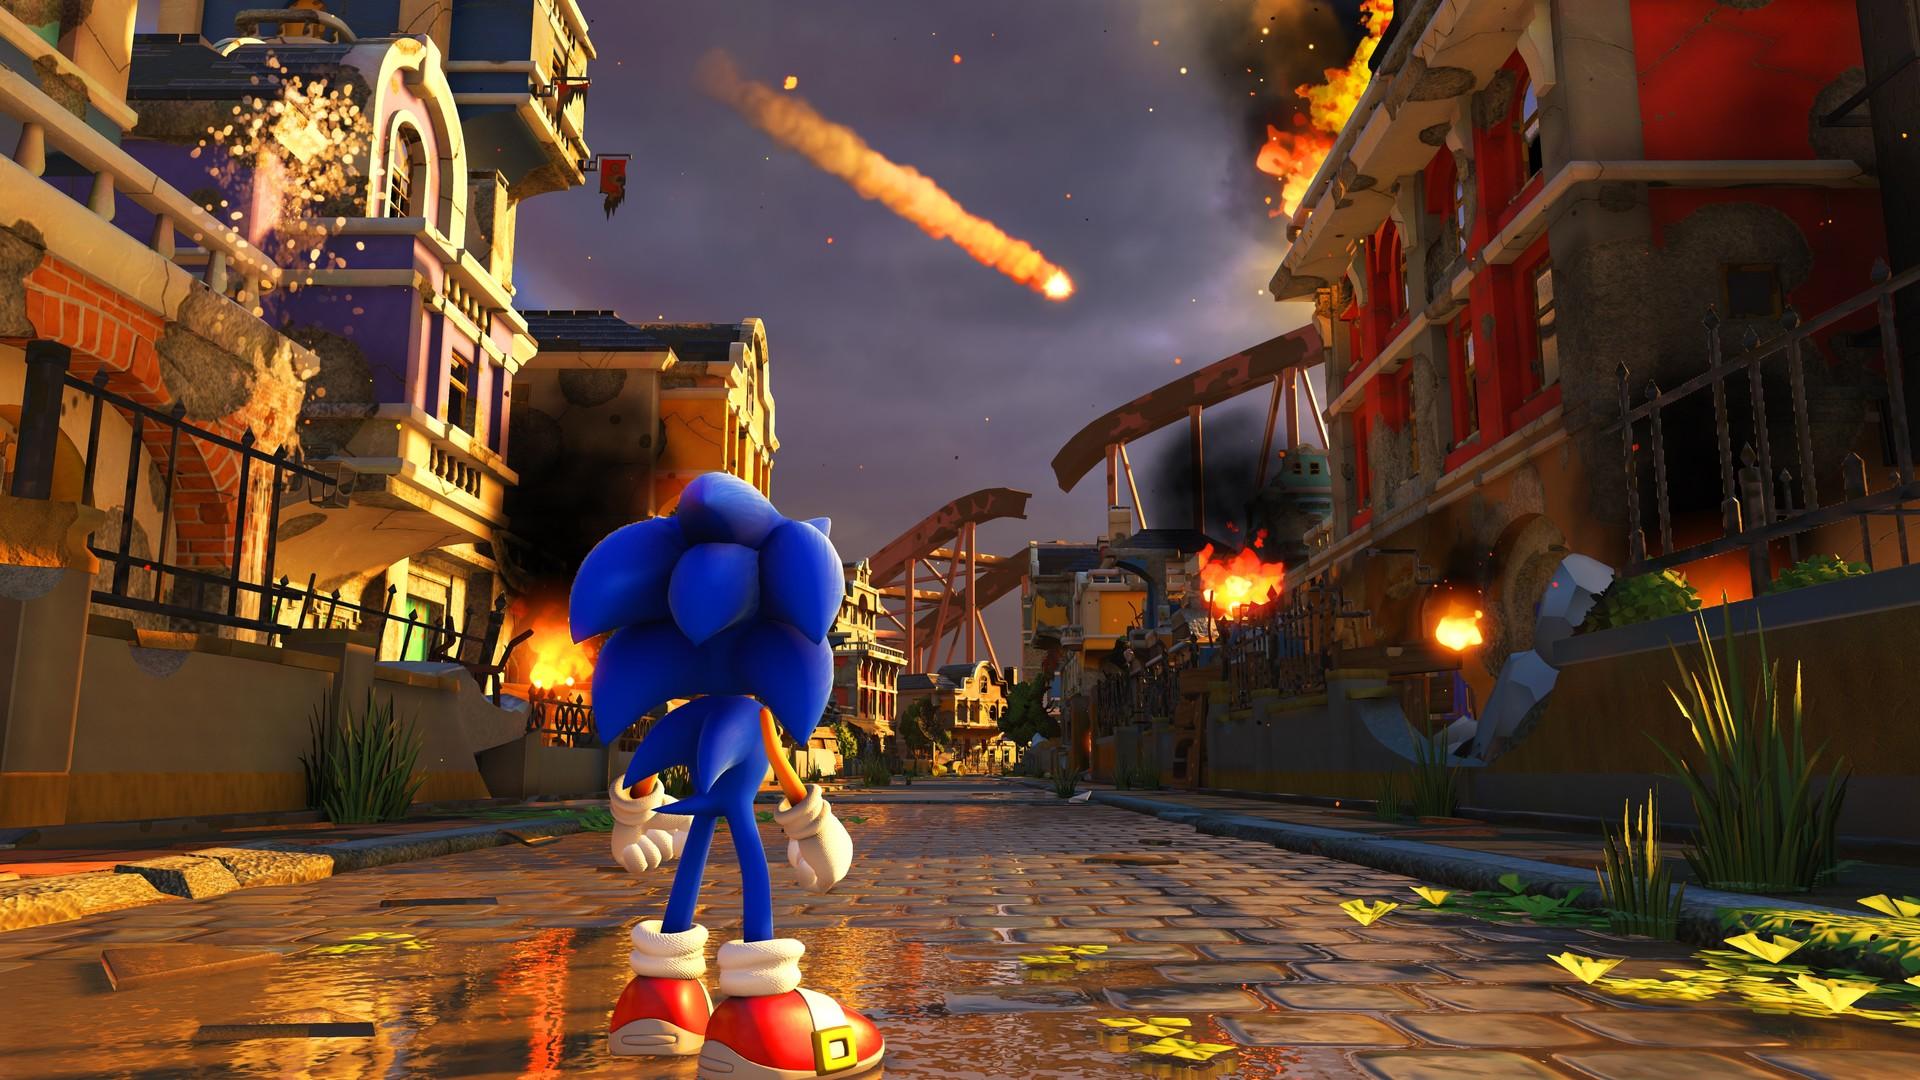 Tựa game hay nhất nhì lịch sử PlayStation đang được phát miễn phí trên PS4 - Ảnh 3.